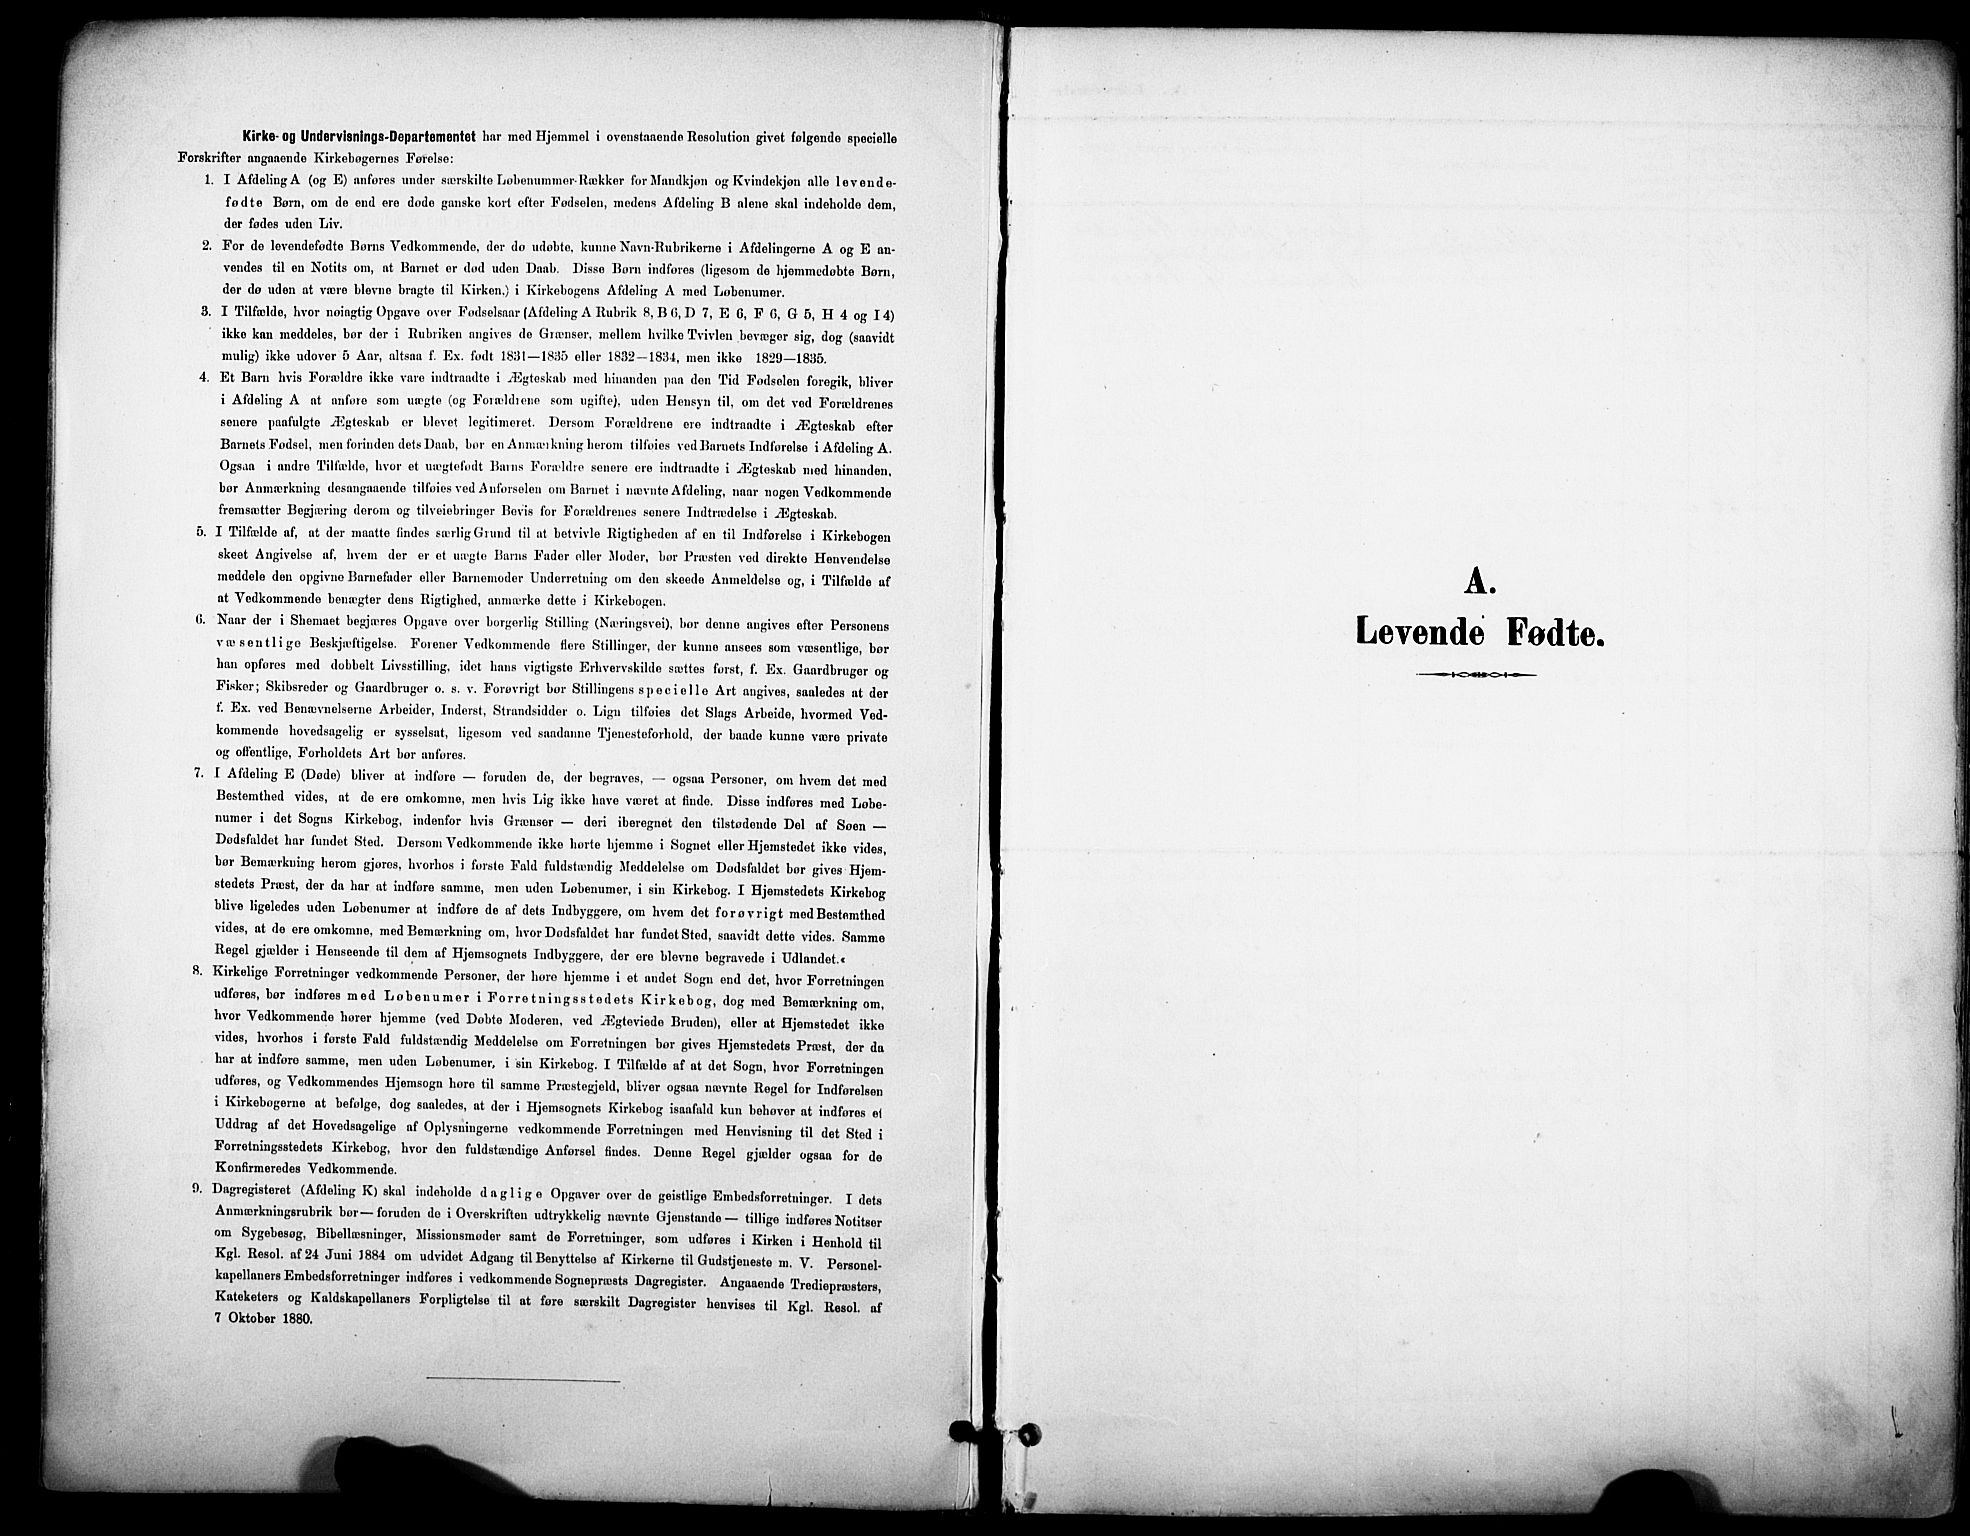 SAKO, Sandefjord kirkebøker, F/Fa/L0004: Ministerialbok nr. 4, 1894-1905